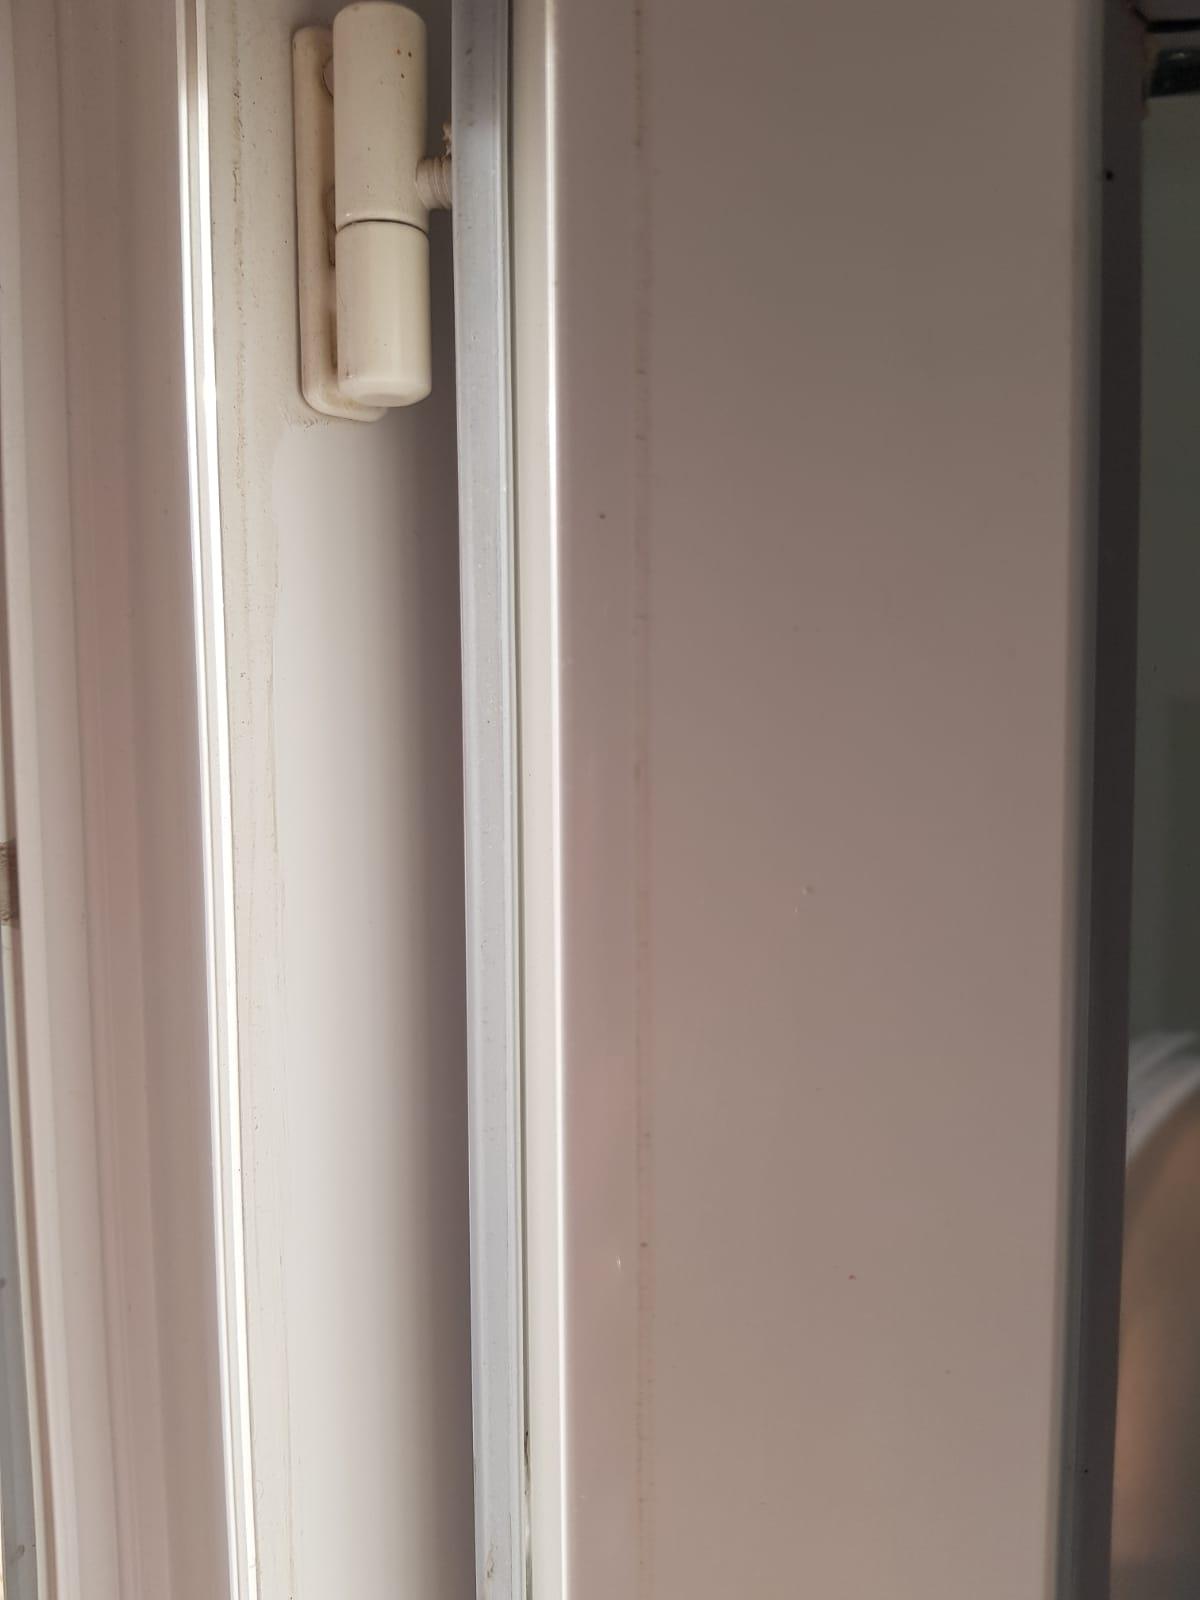 Quel Produit Pour Nettoyer Le Pvc nettoyer ses cadres de fenêtres en pvc